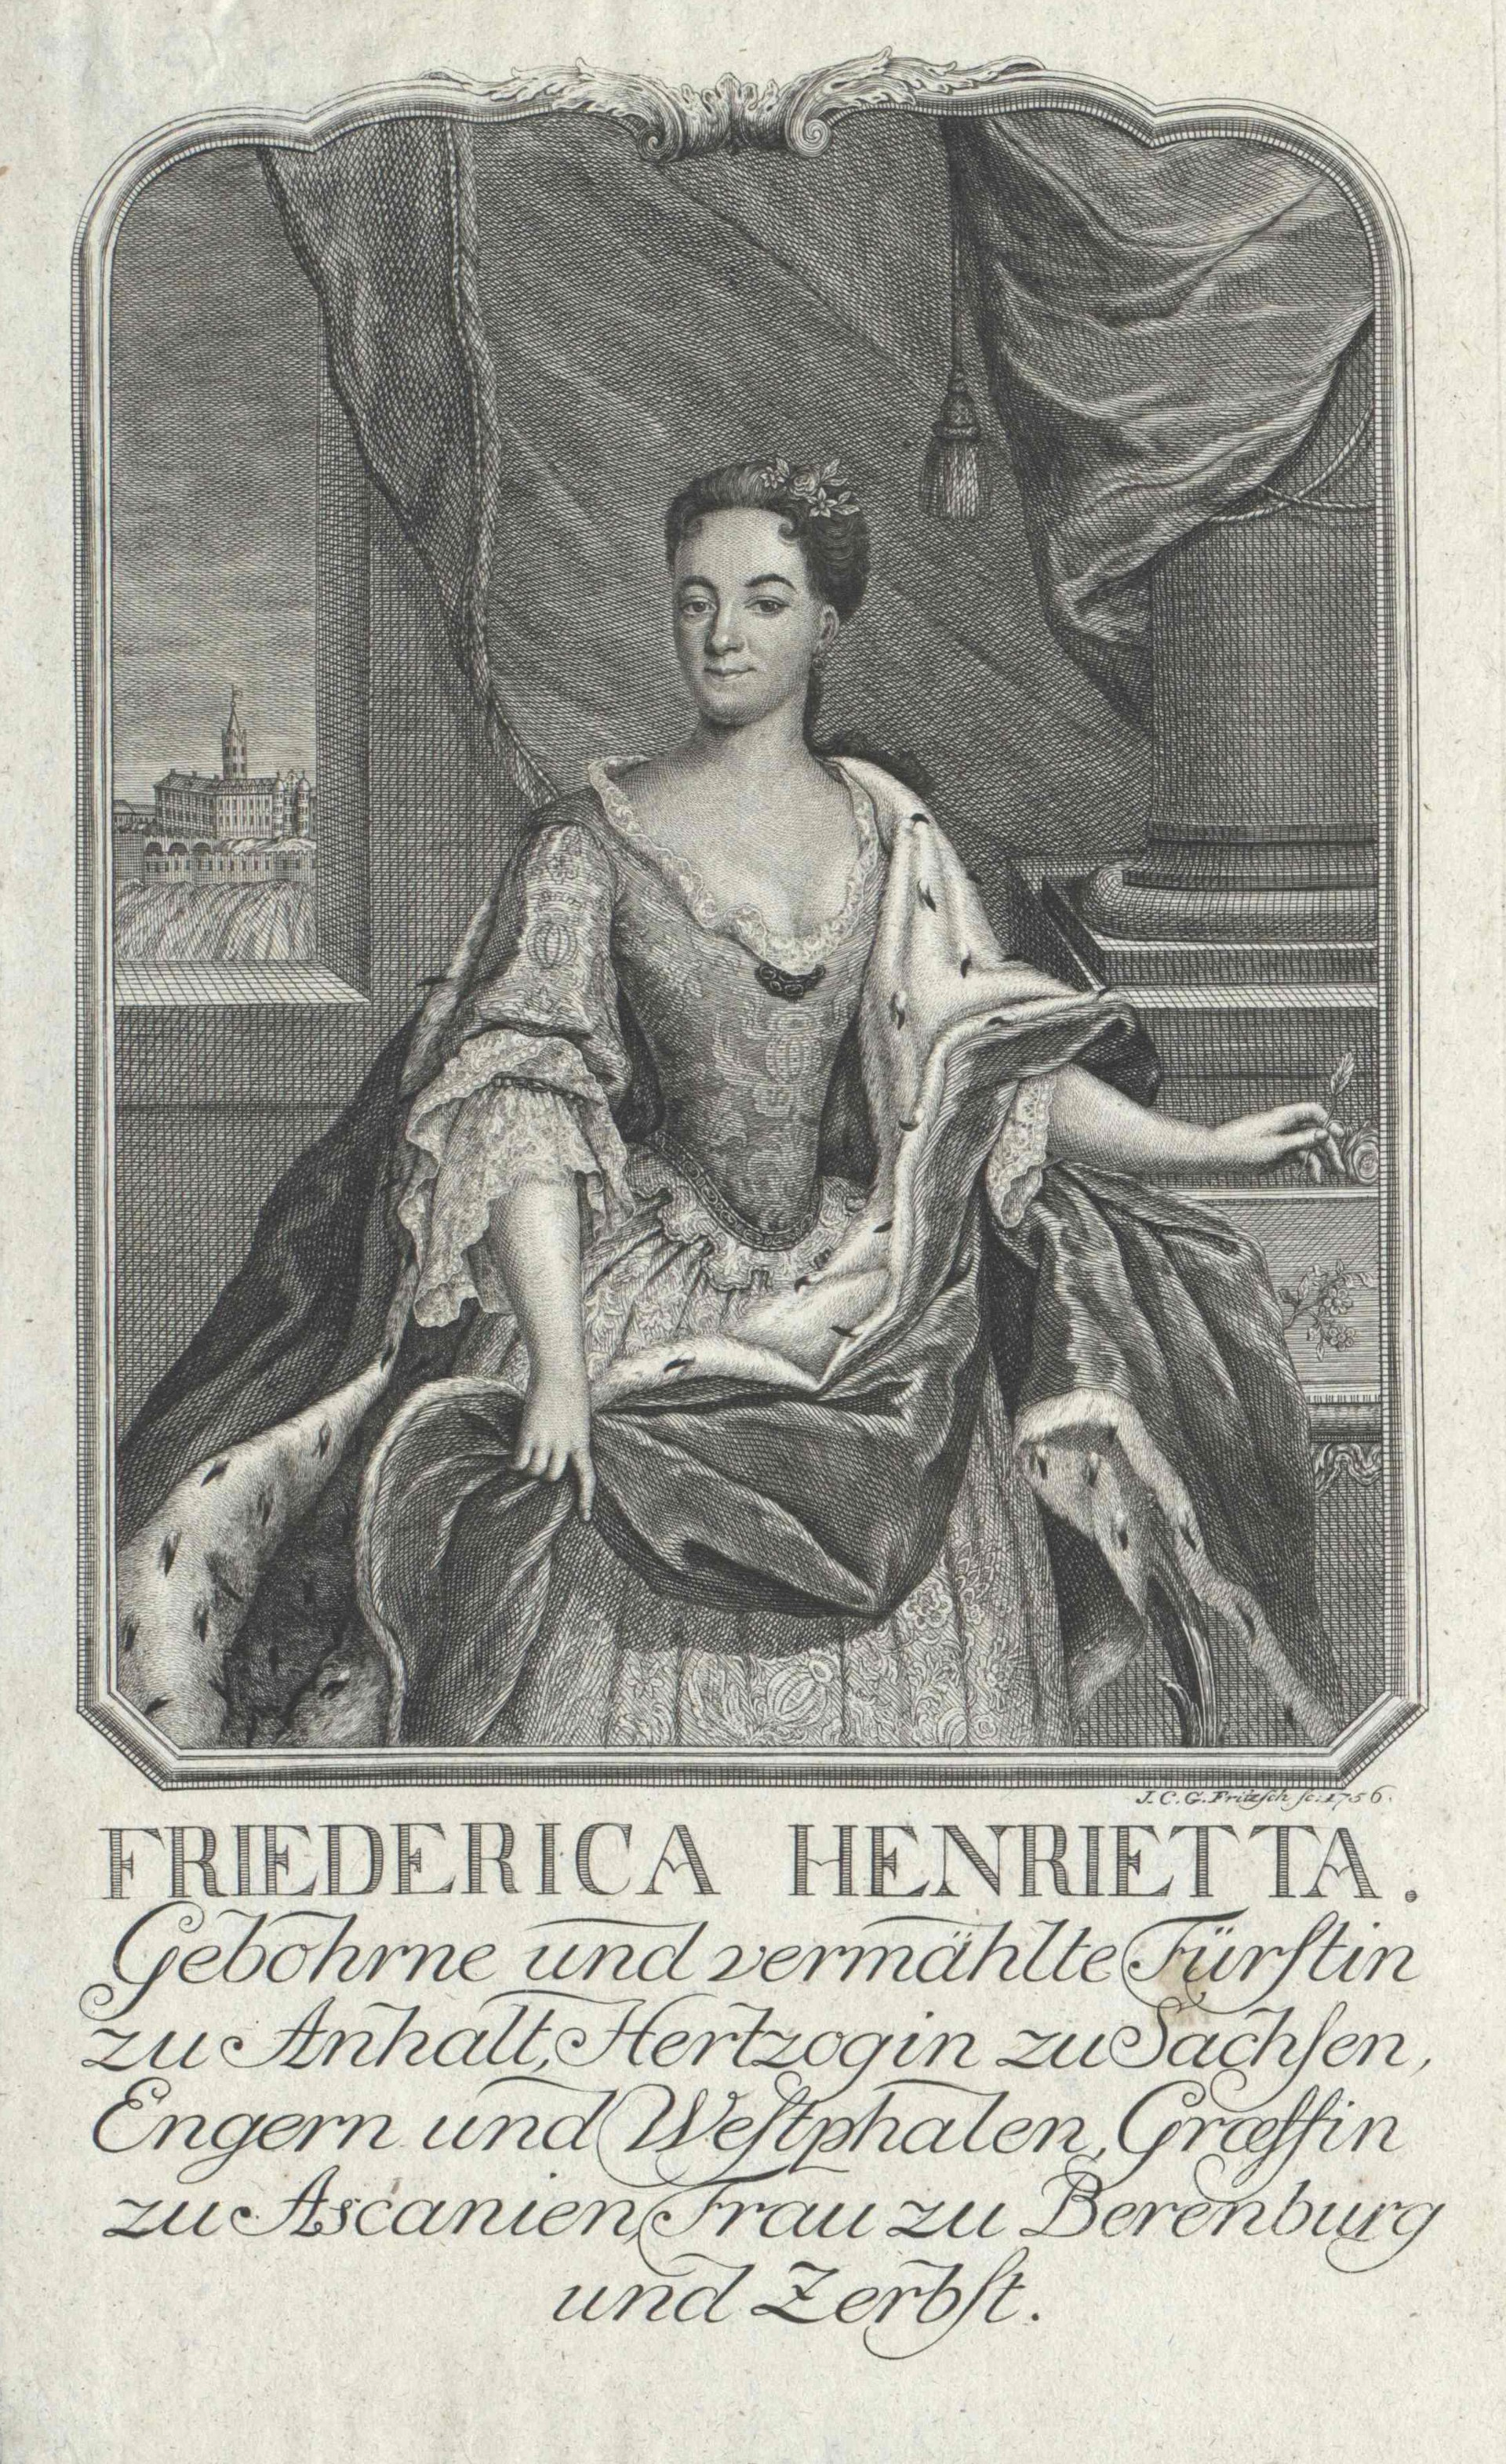 Frederica Henriette von Anhalt-Köthen